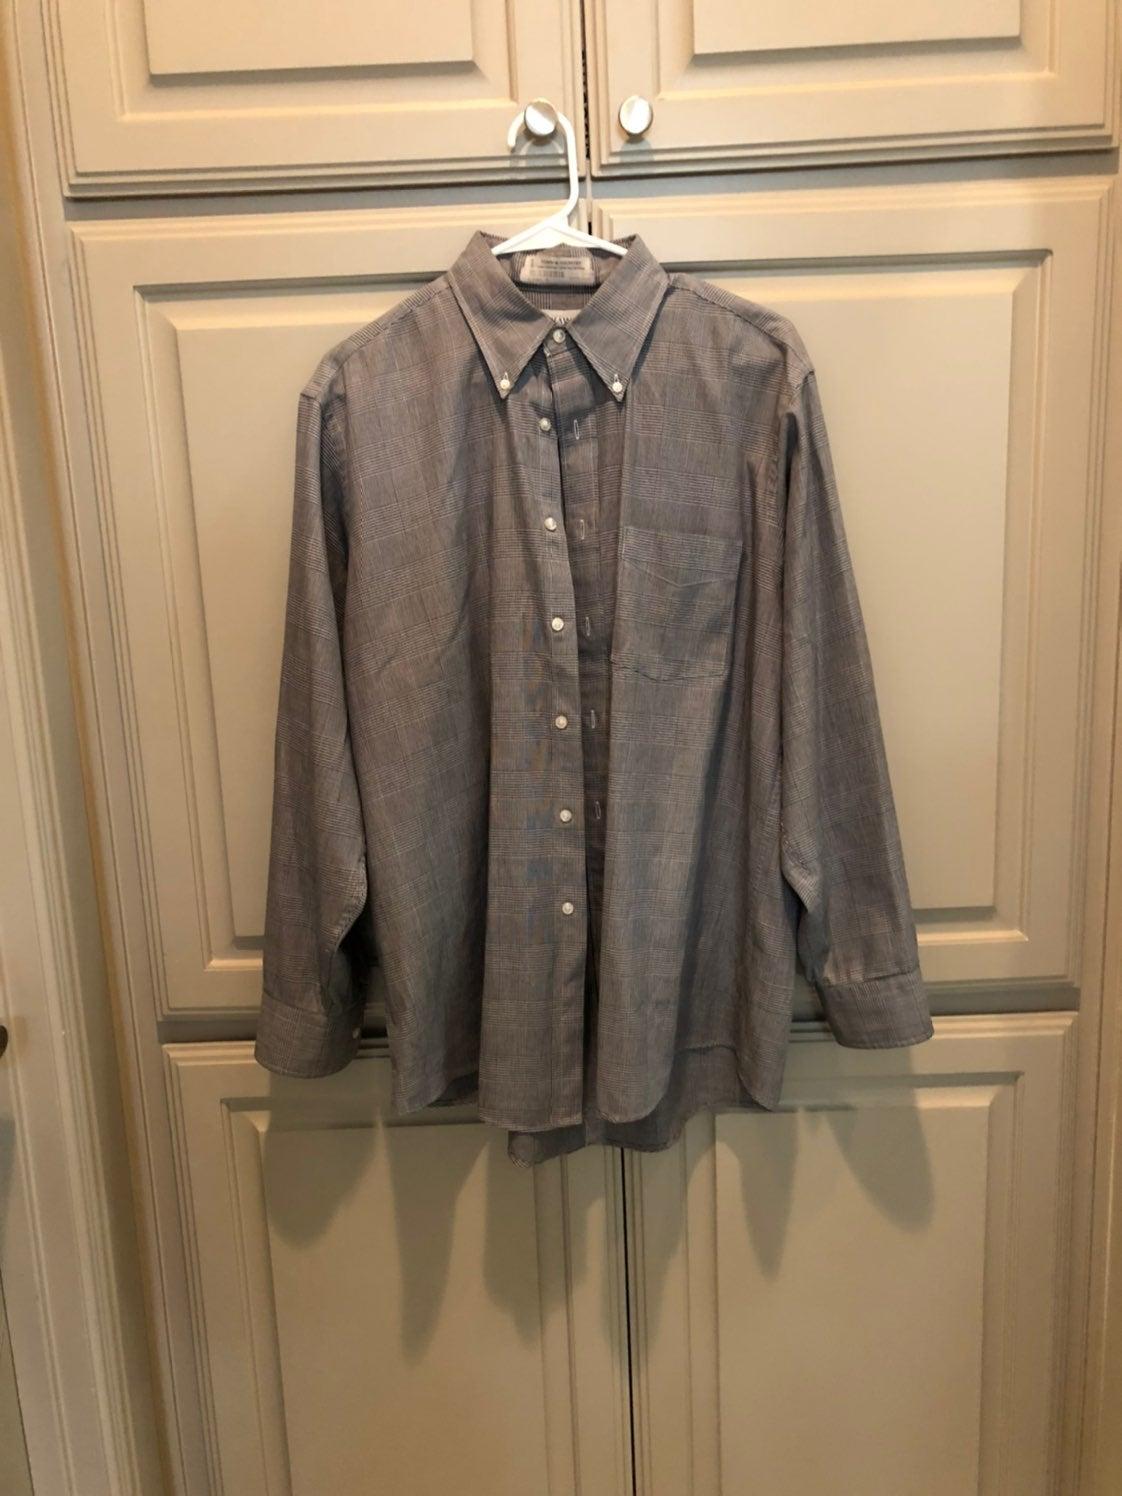 Hathaway Shirt